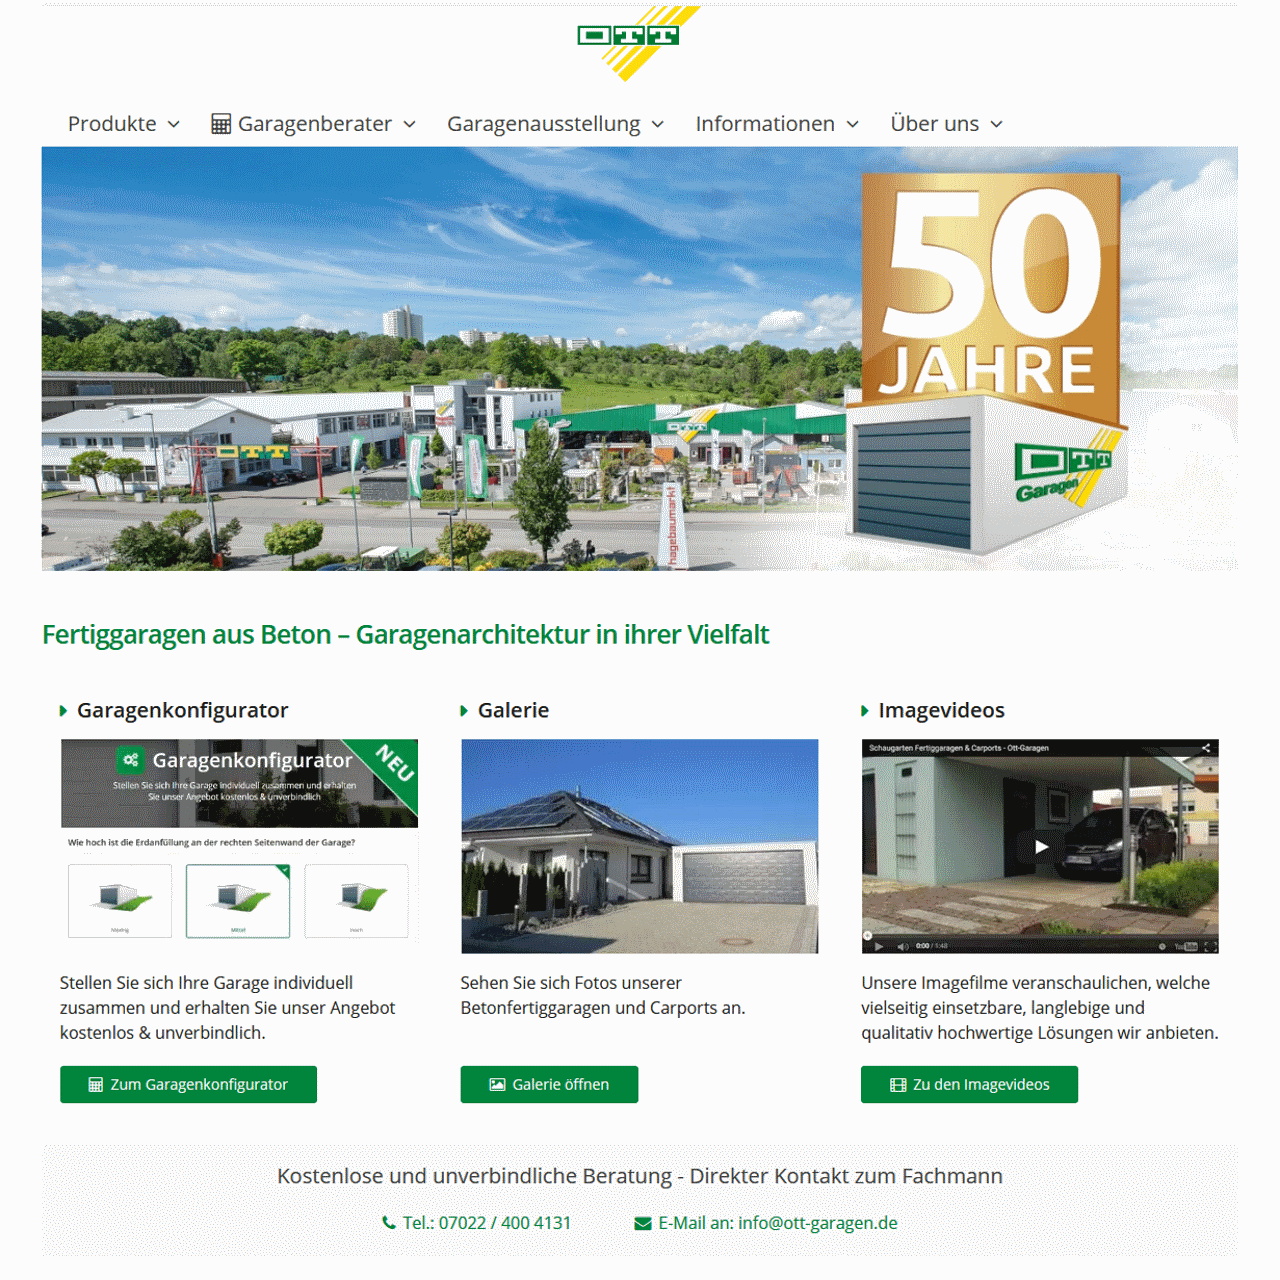 Ott Betonwerke - Ott Garagen